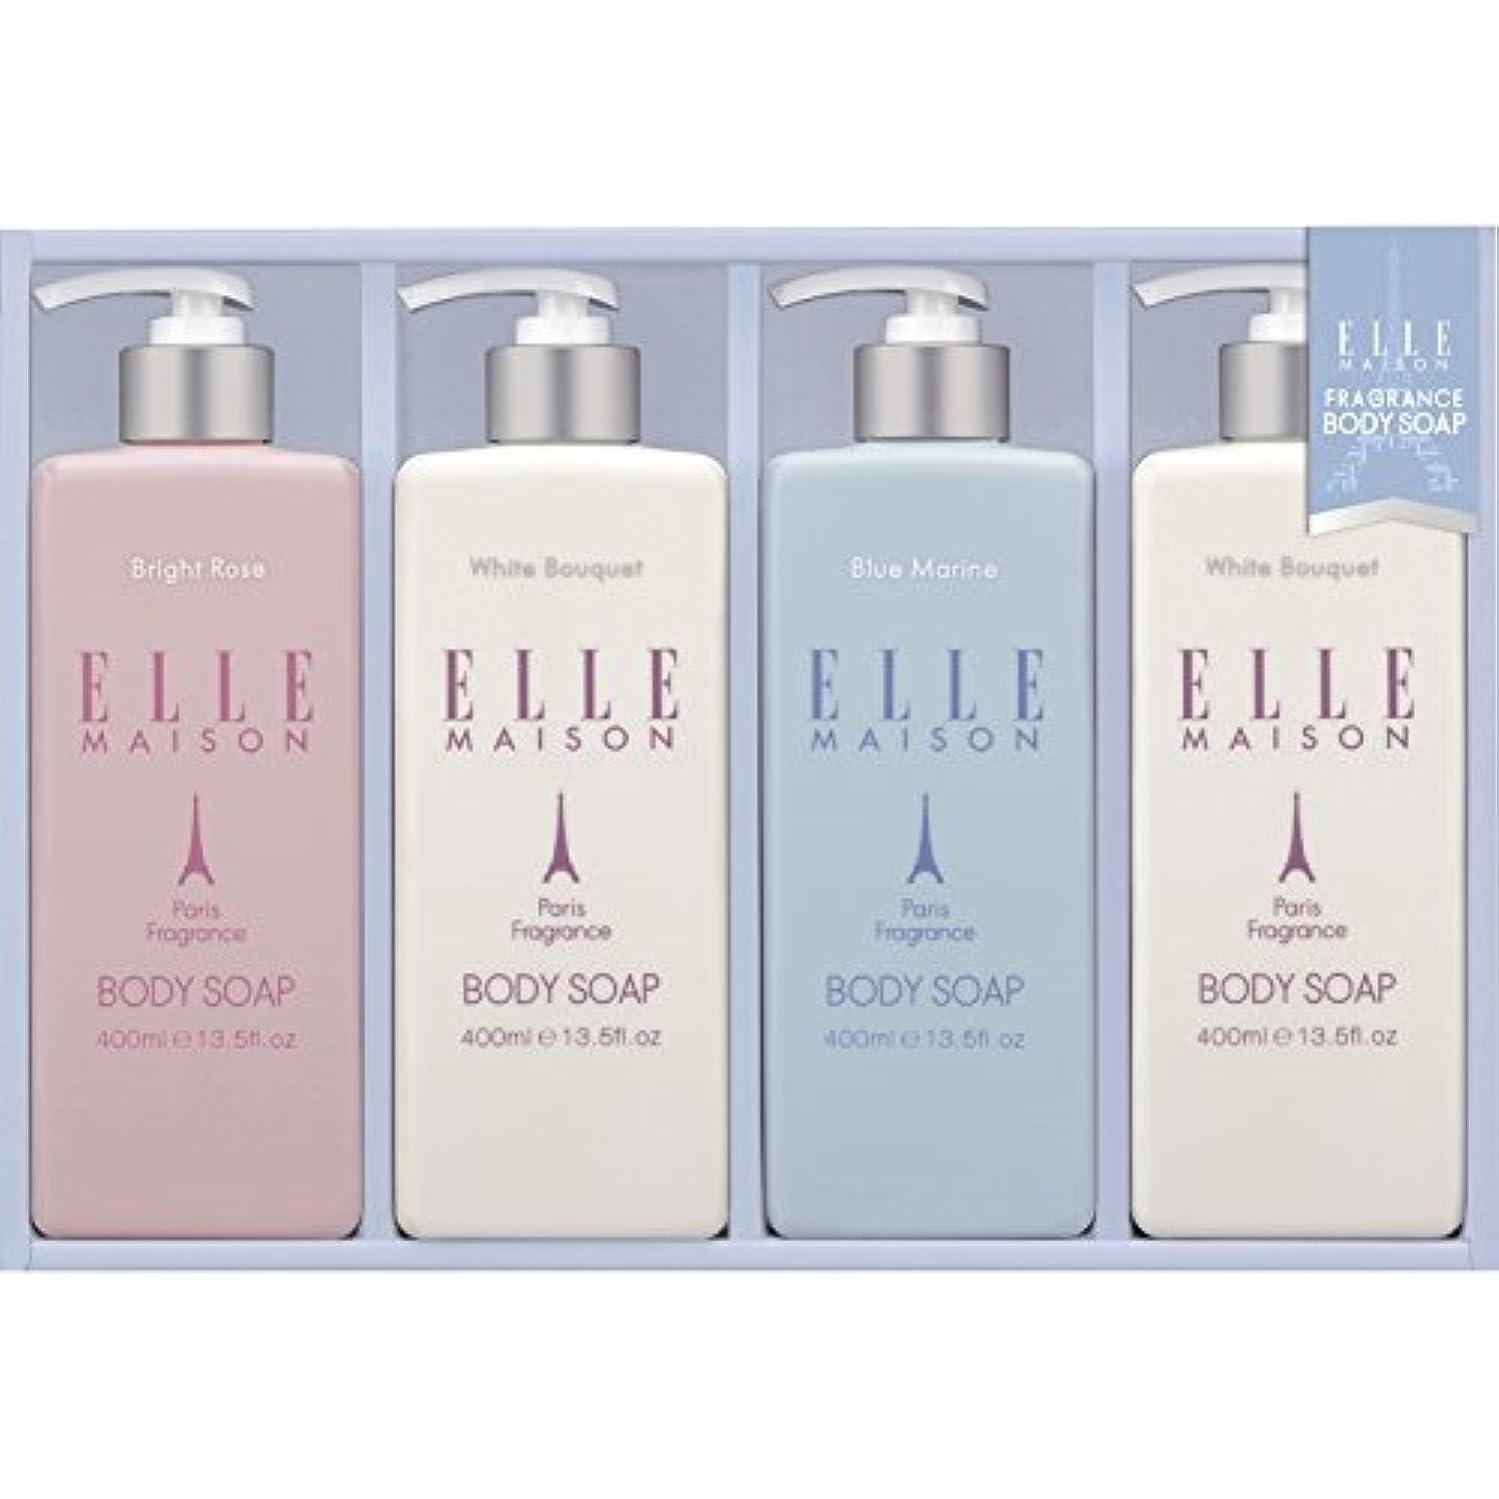 宿題わがまま励起ELLE MAISON ボディソープギフト EBS-20 【保湿 いい匂い うるおい 液体 しっとり 良い香り やさしい 女性 贅沢 全身 美肌 詰め合わせ お風呂 バスタイム 洗う 美容】